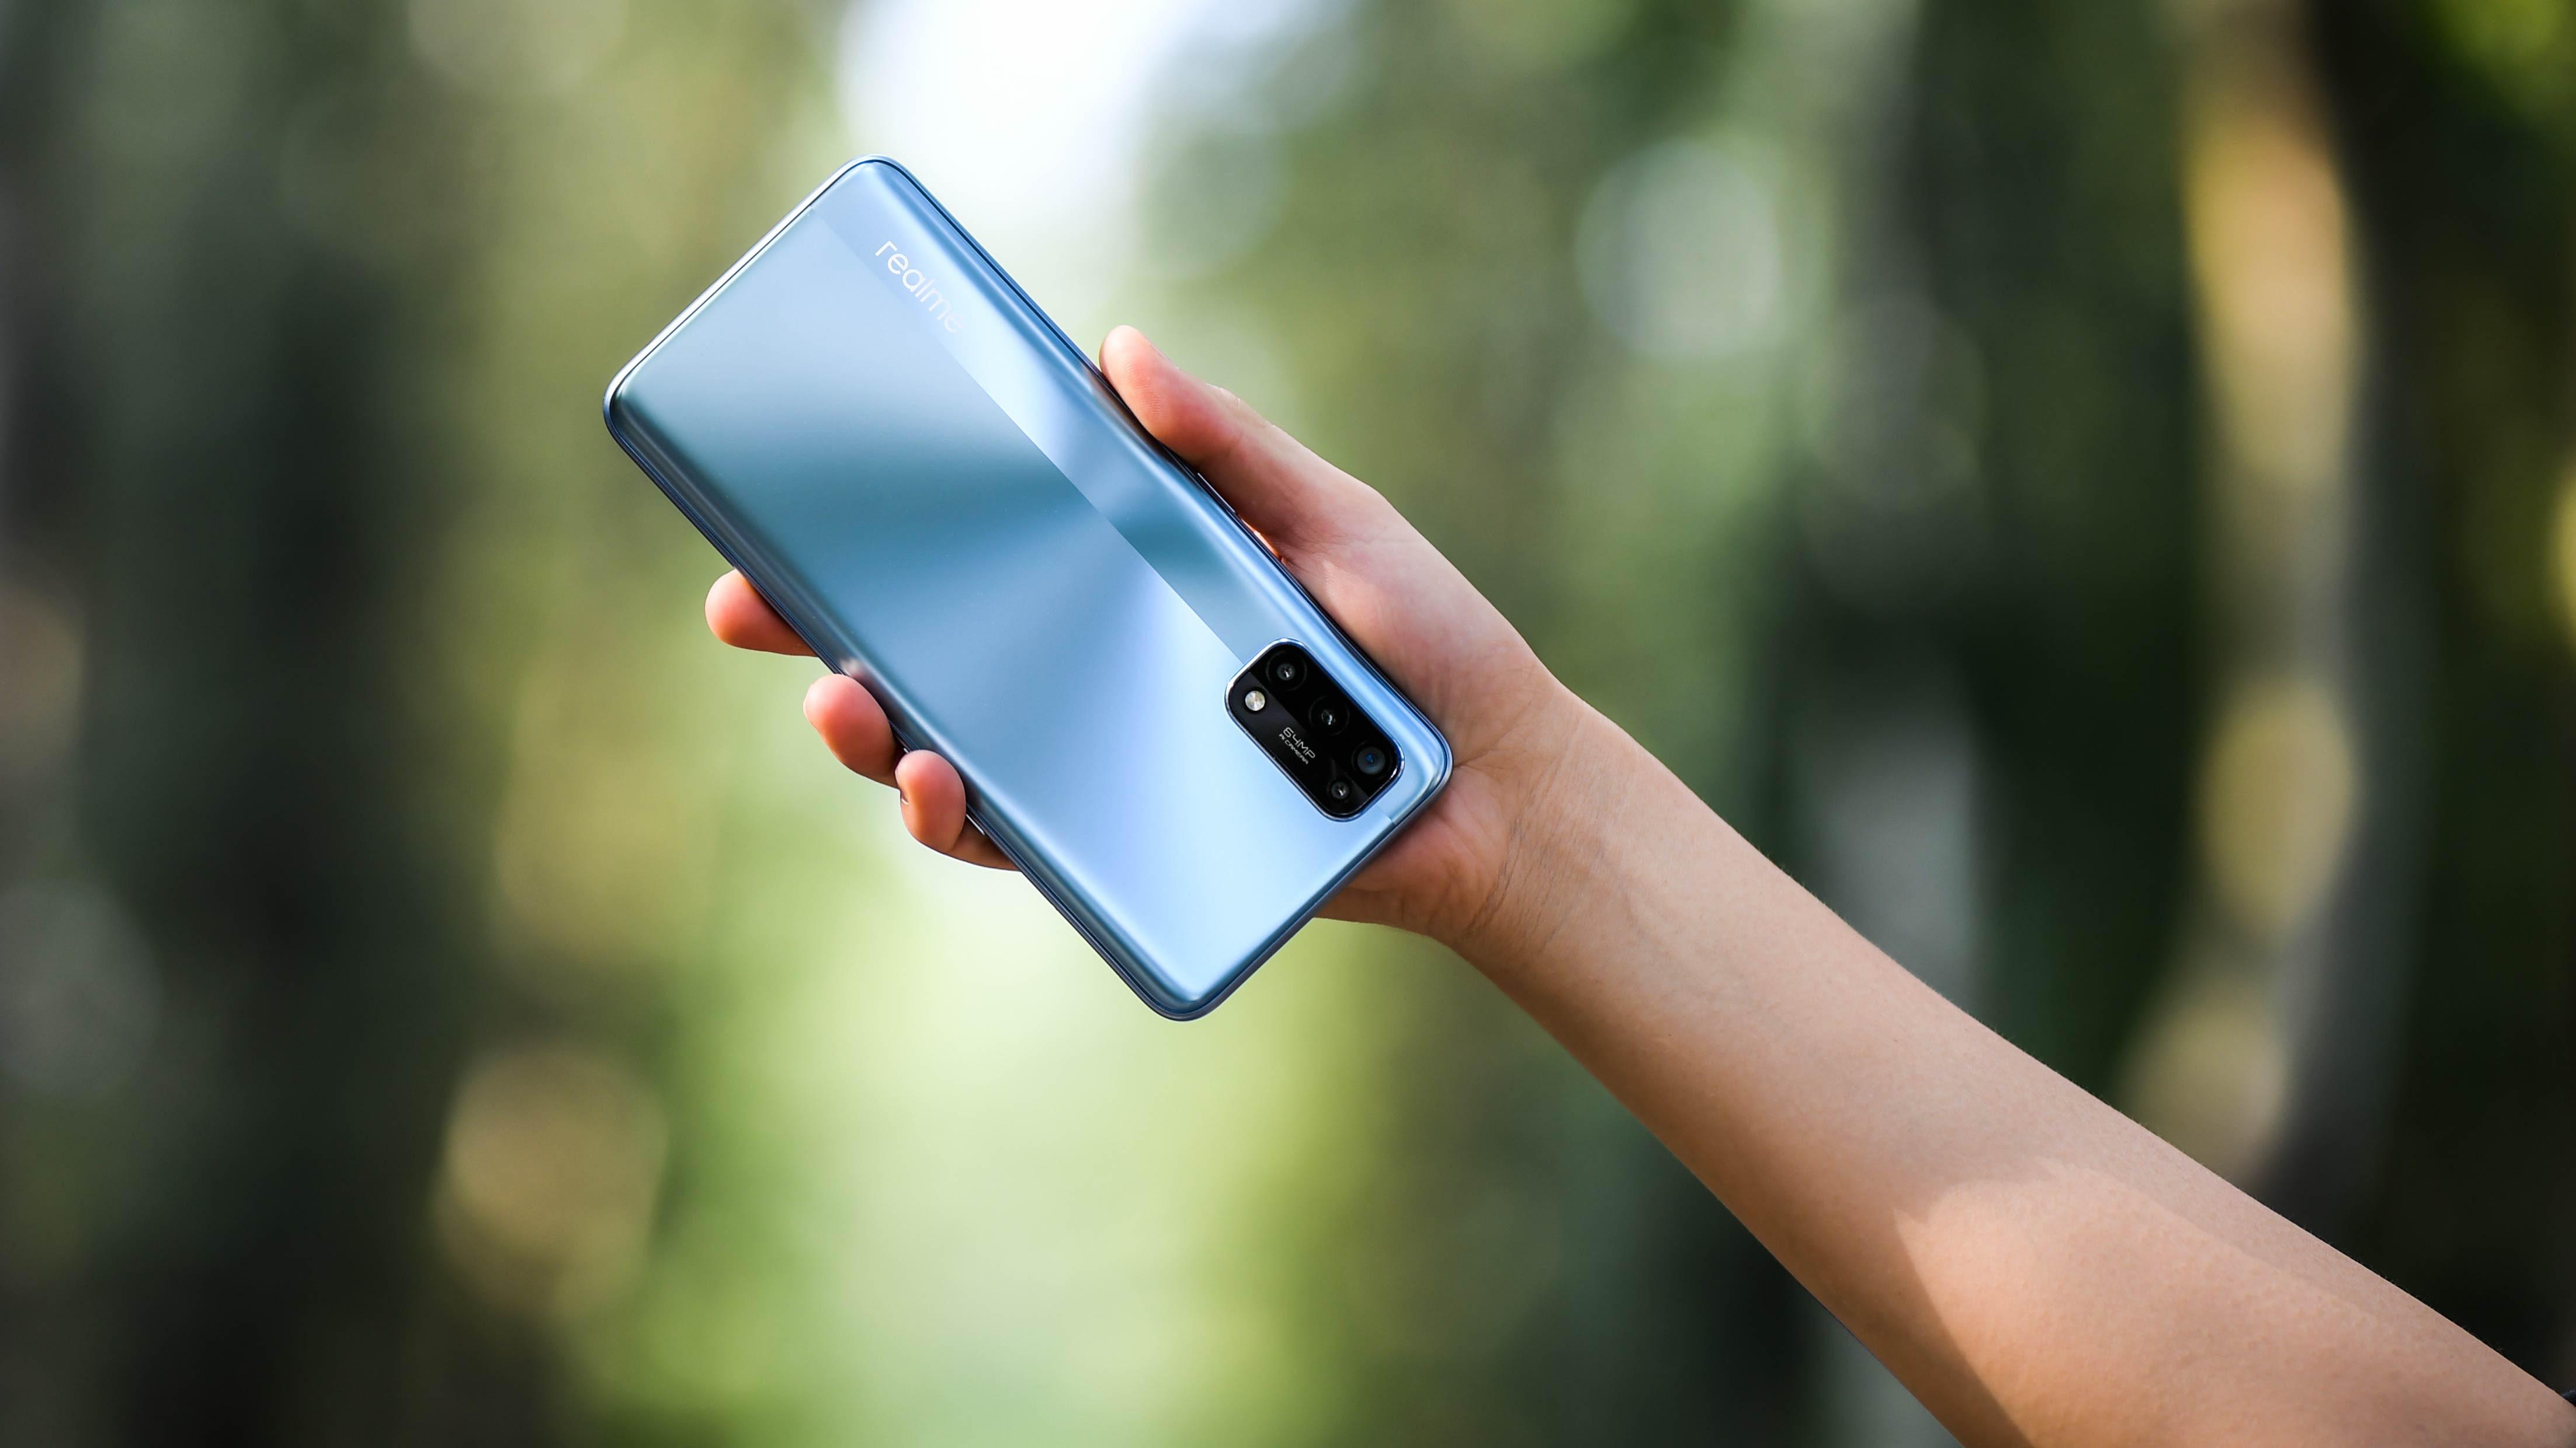 realme-coolpad-honor-vivo-empresas-tecnologia-chinas-buscan-ganar-relevancia-en-mercado-de-smartphones